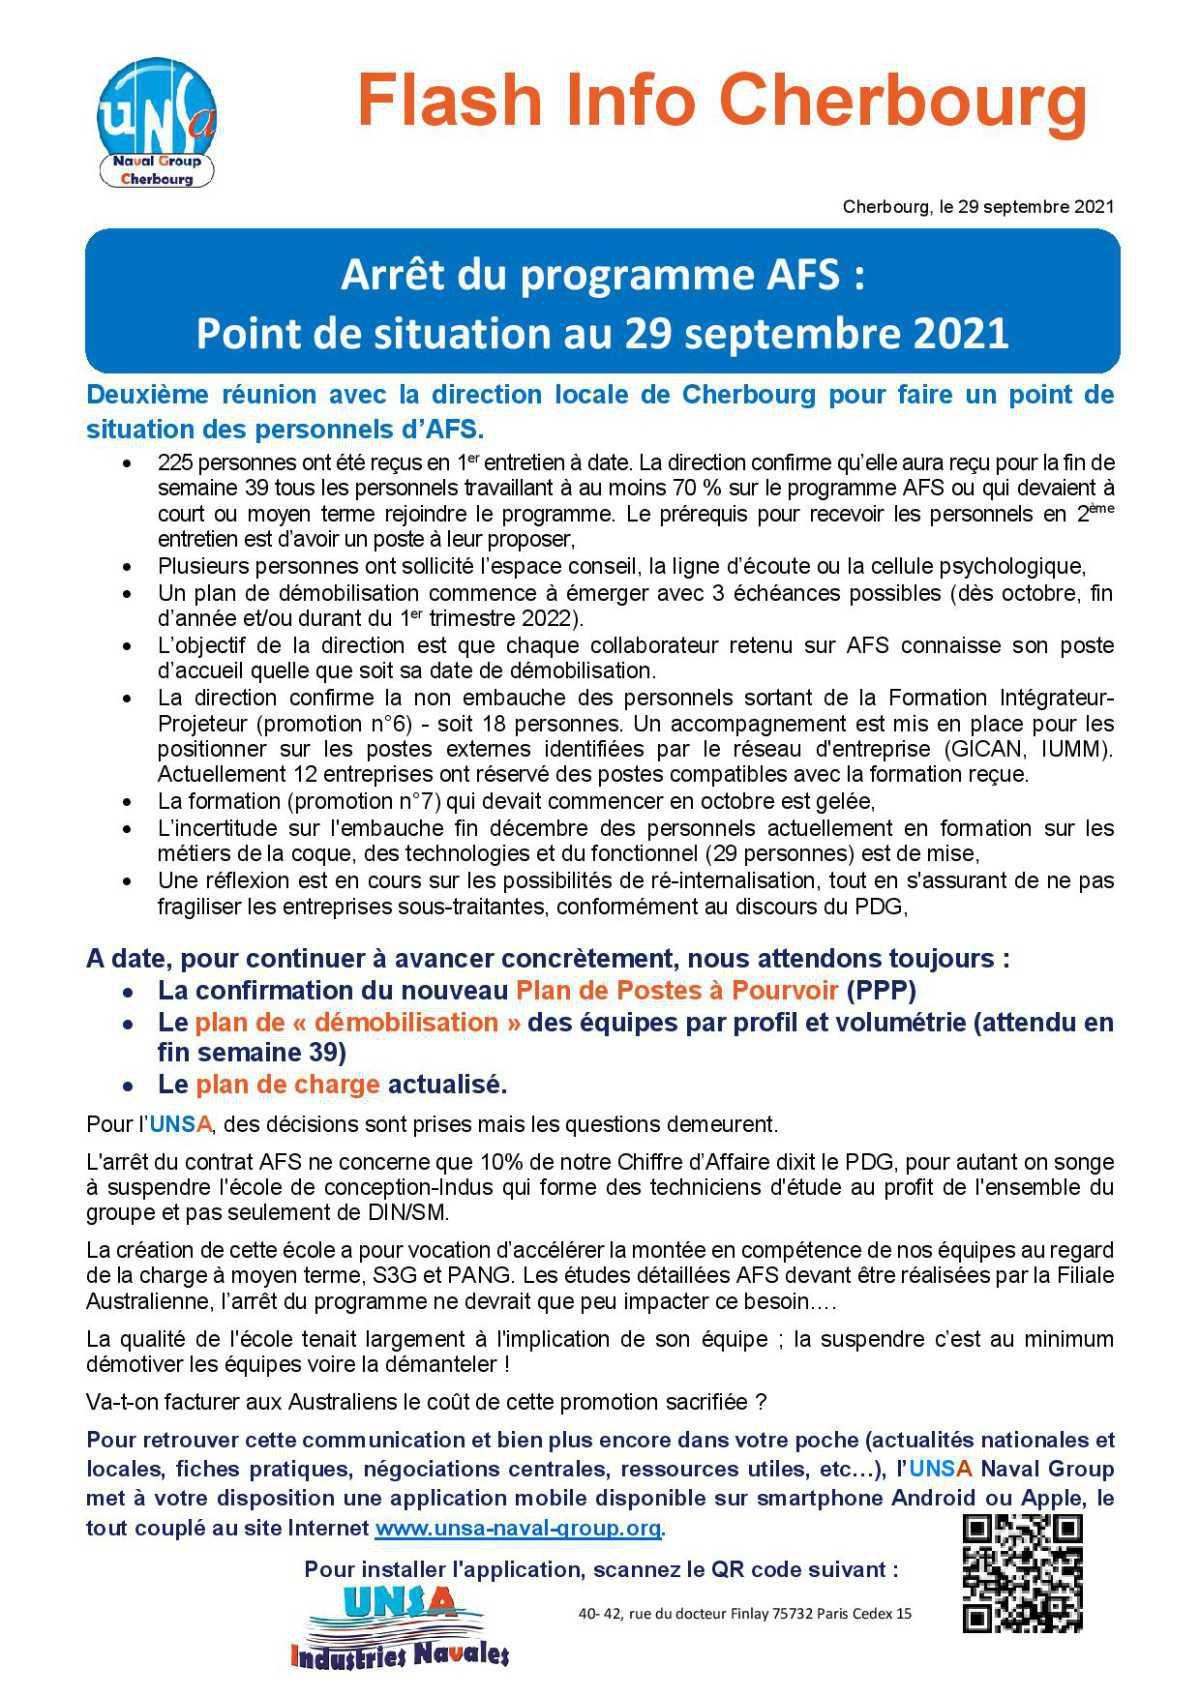 Arrêt du programme AFS : Point de situation au 29 septembre 2021